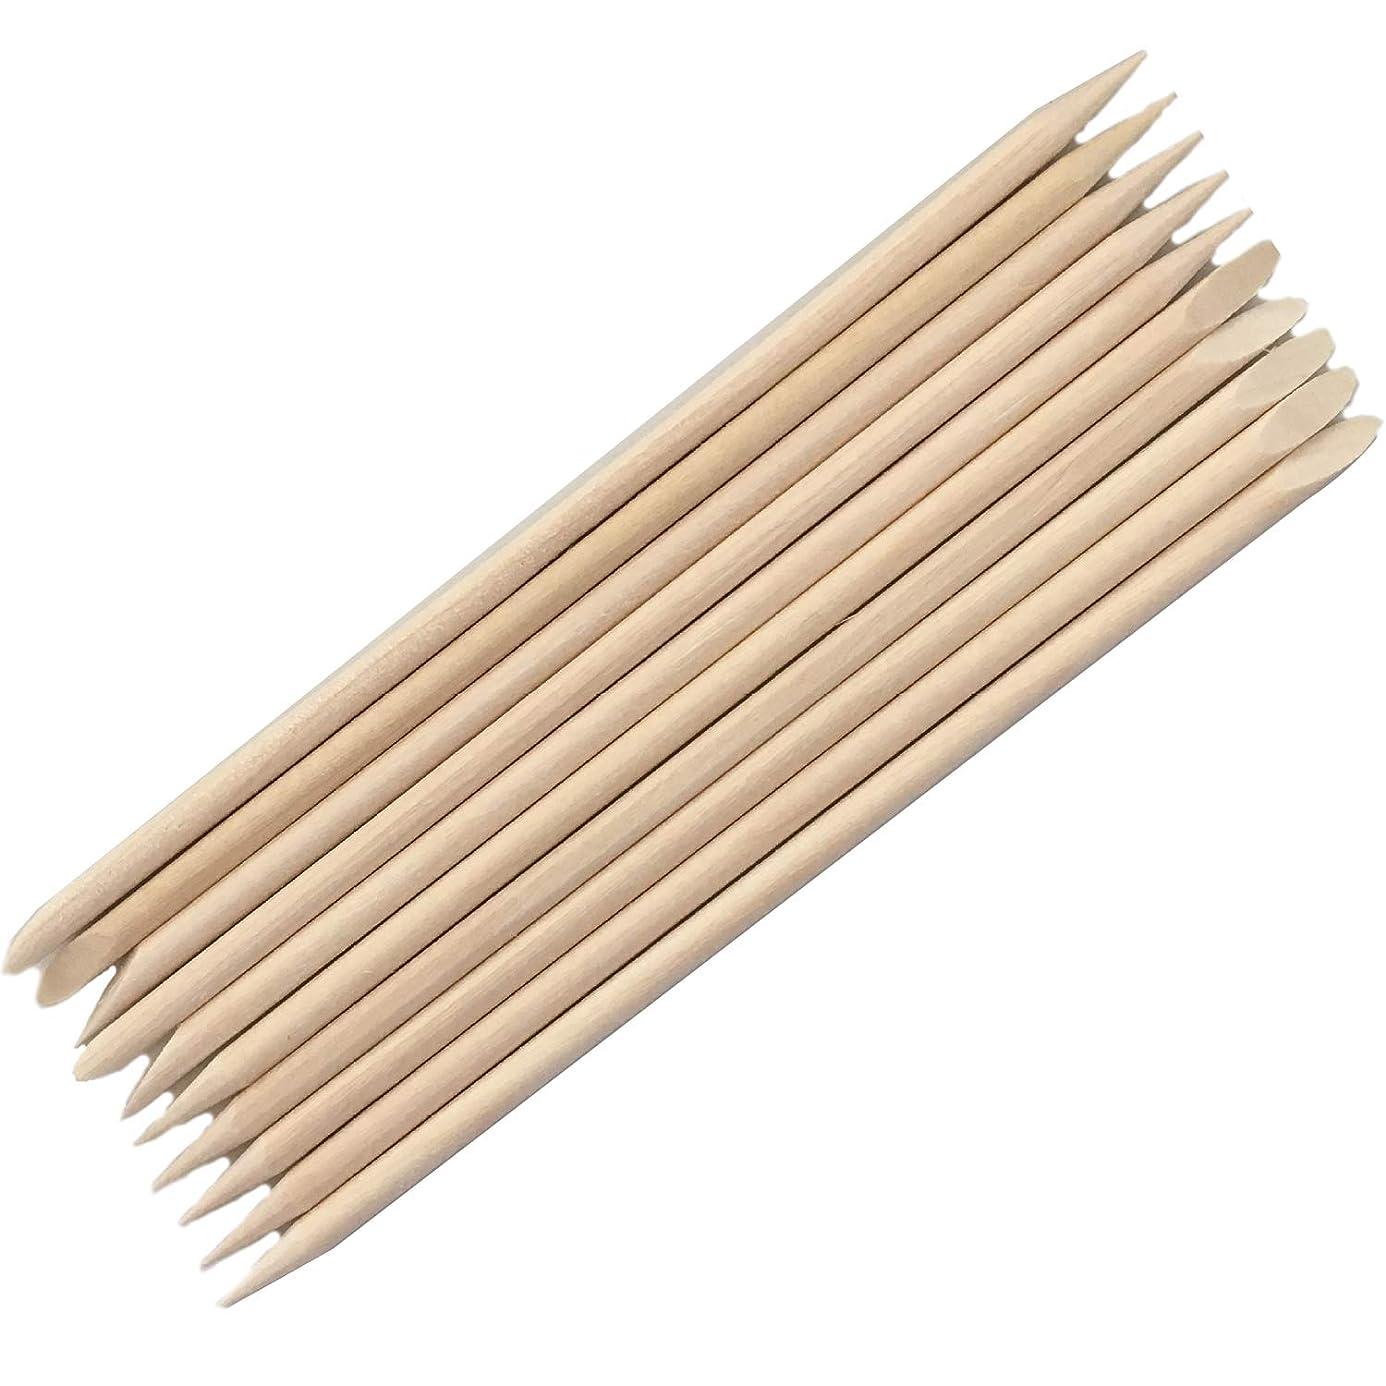 厚くする彼ら圧倒するネイル最高品質オレンジウッドスティック ネイル用品 ペンセット アクリル絵具10本